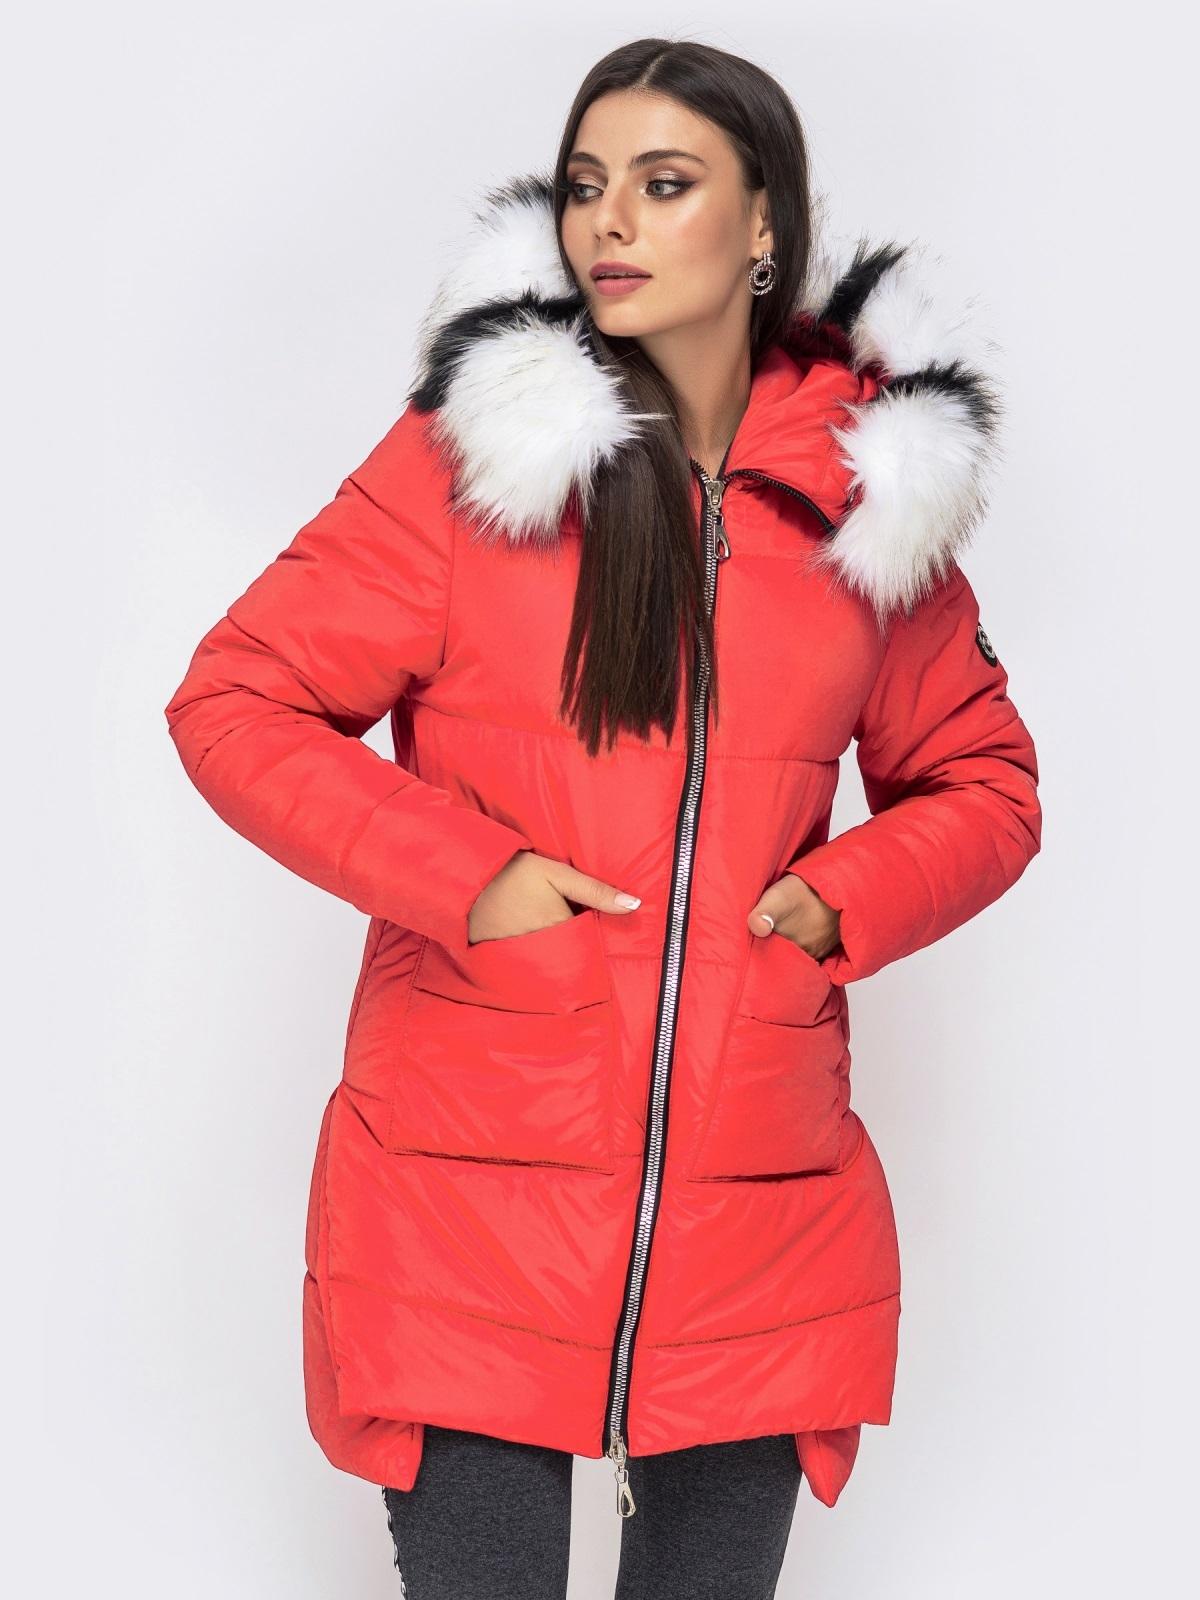 Зимняя куртка с удлиненной спинкой и капюшоном красная 41520, фото 1